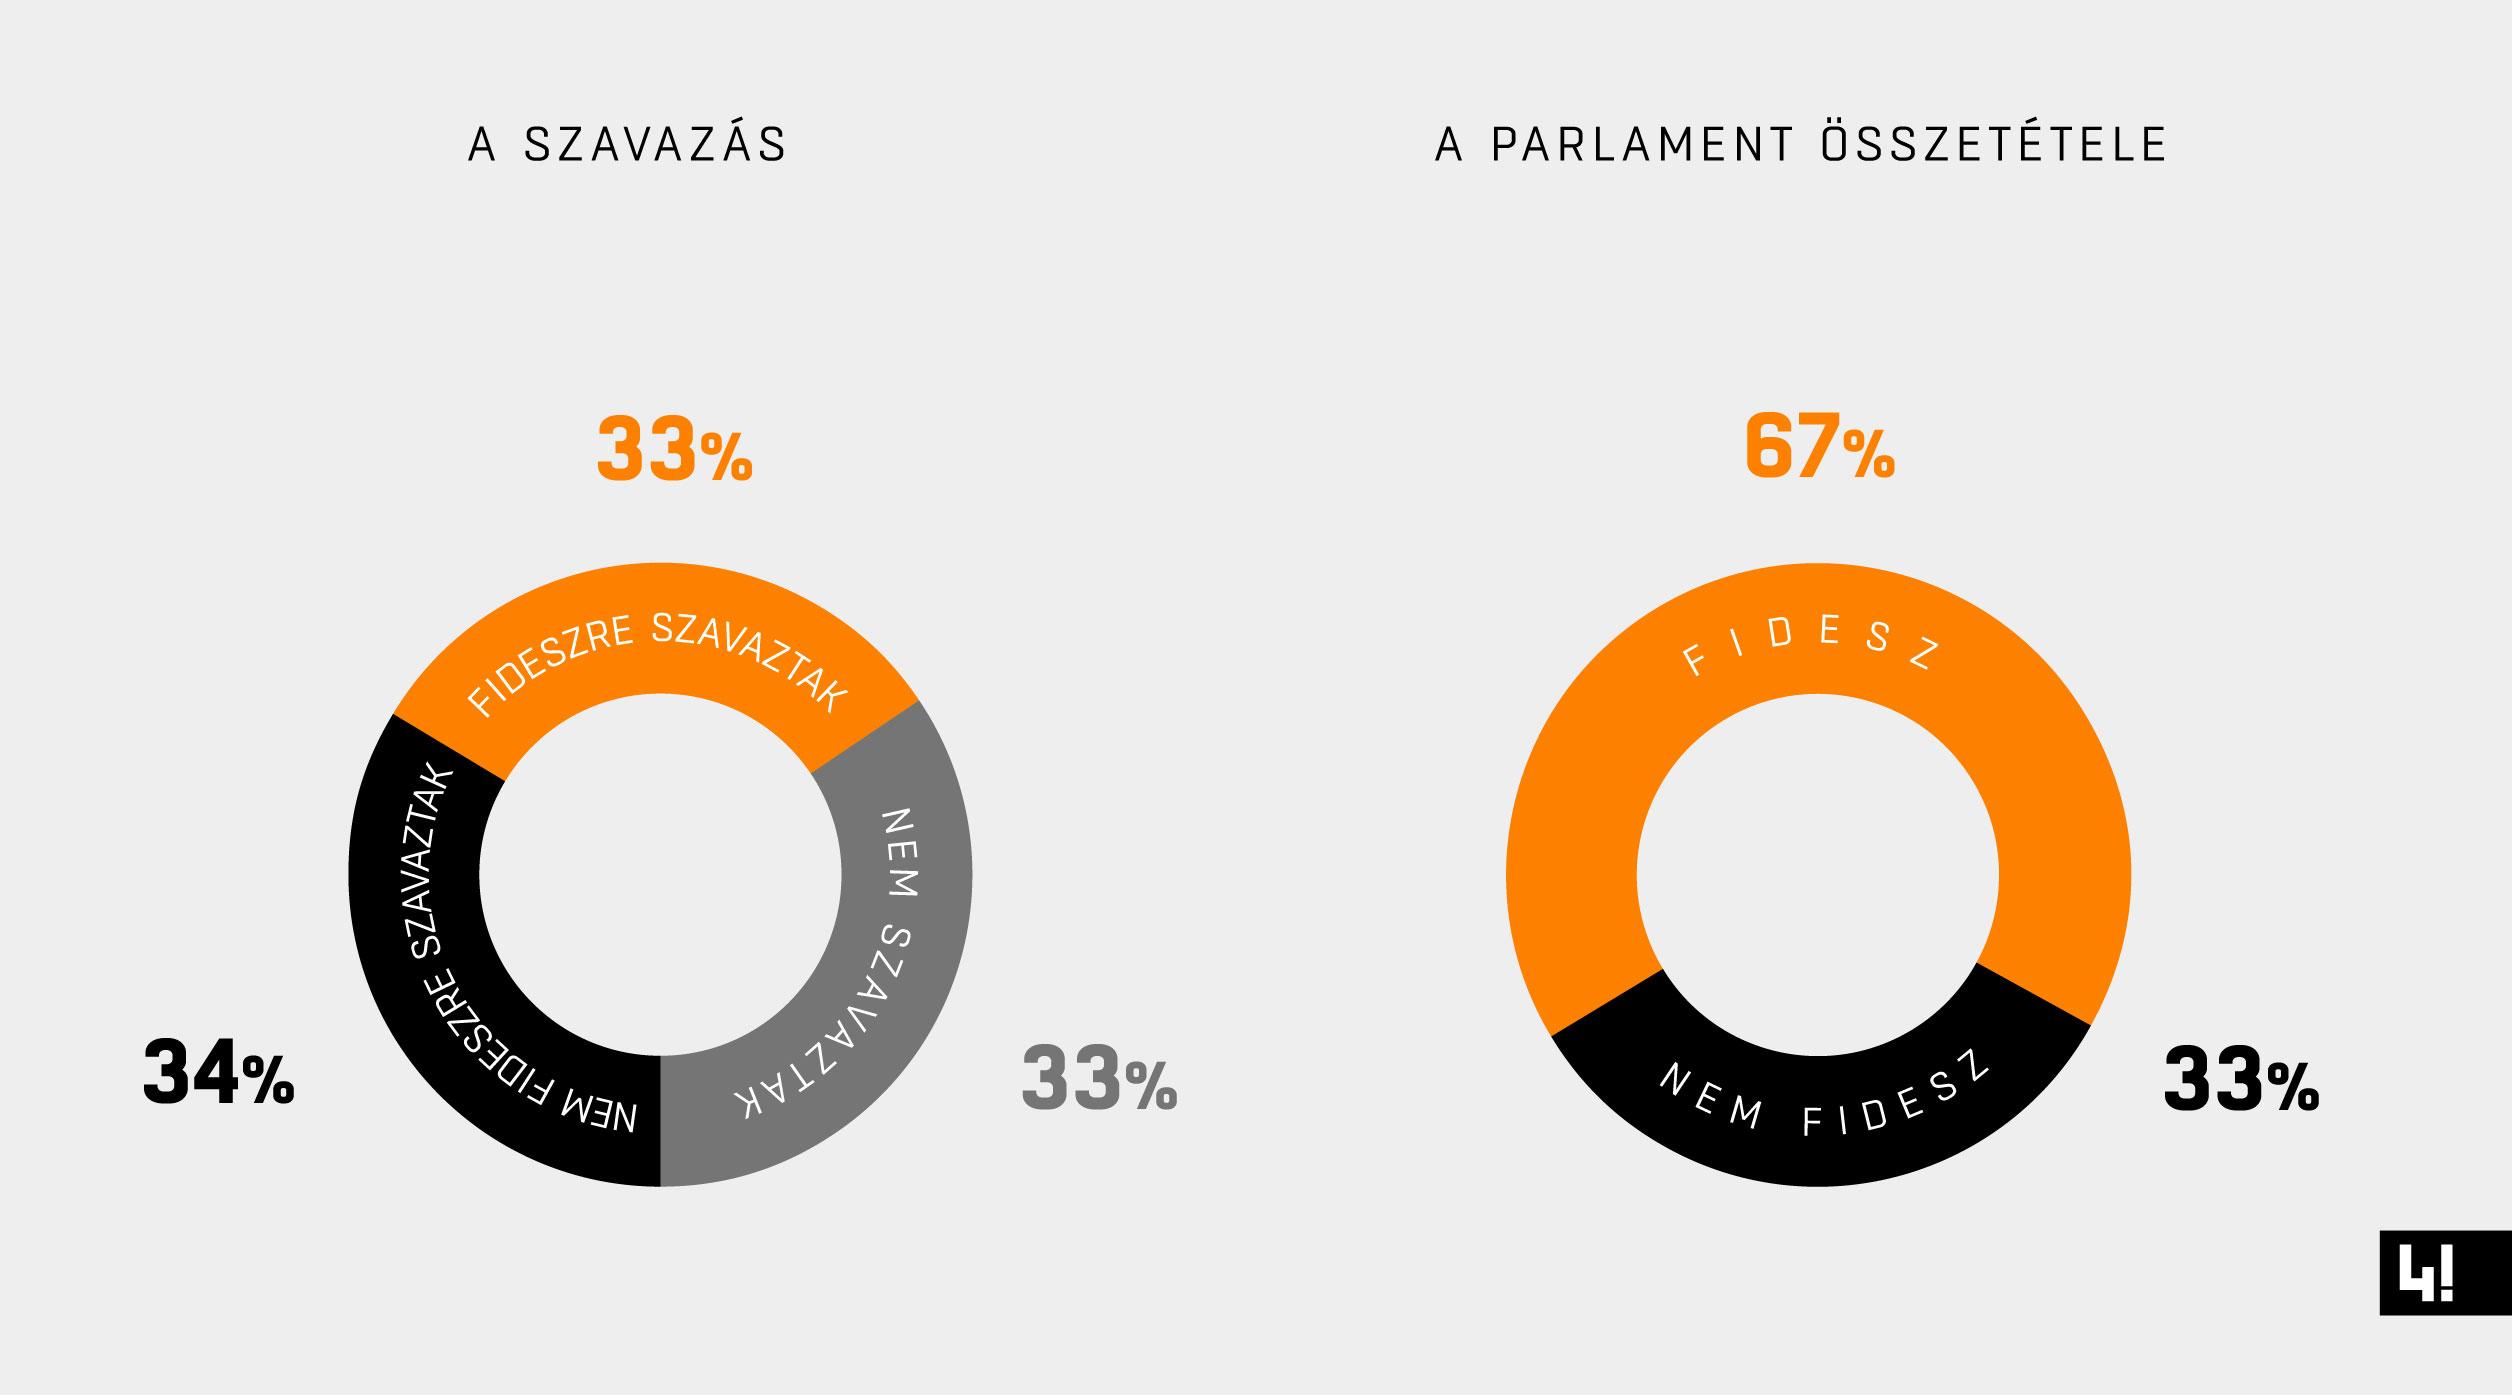 Az ellenzéki szavazók felfogták a taktikai szavazás lényegét, de a pártok koordinációja nélkül ez nem volt elég